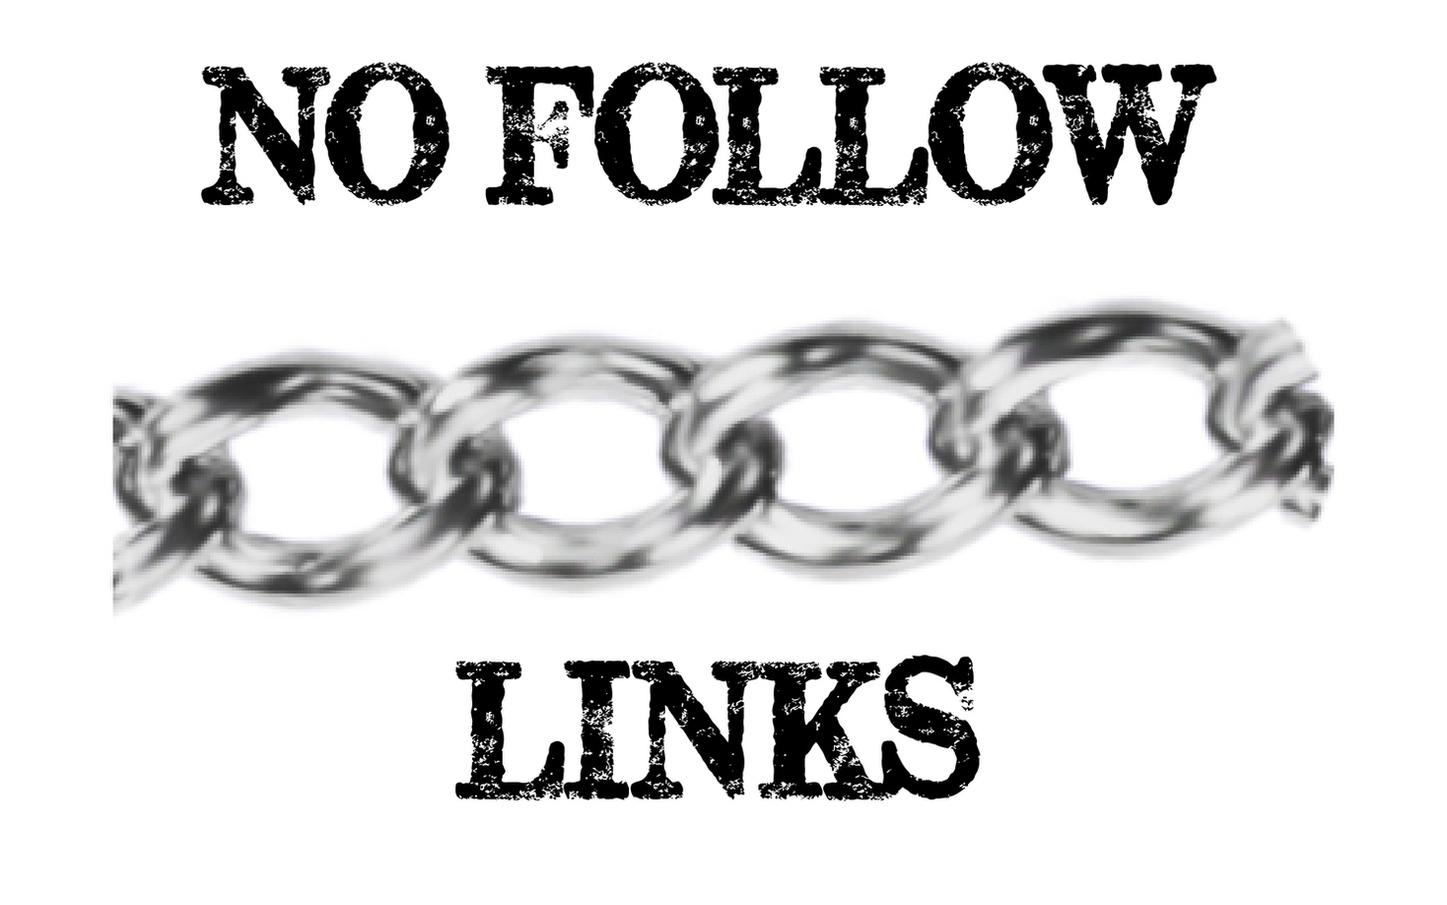 Προώθηση ιστοσελίδων με αξιοποίηση των ρυθμίσεων nofollow